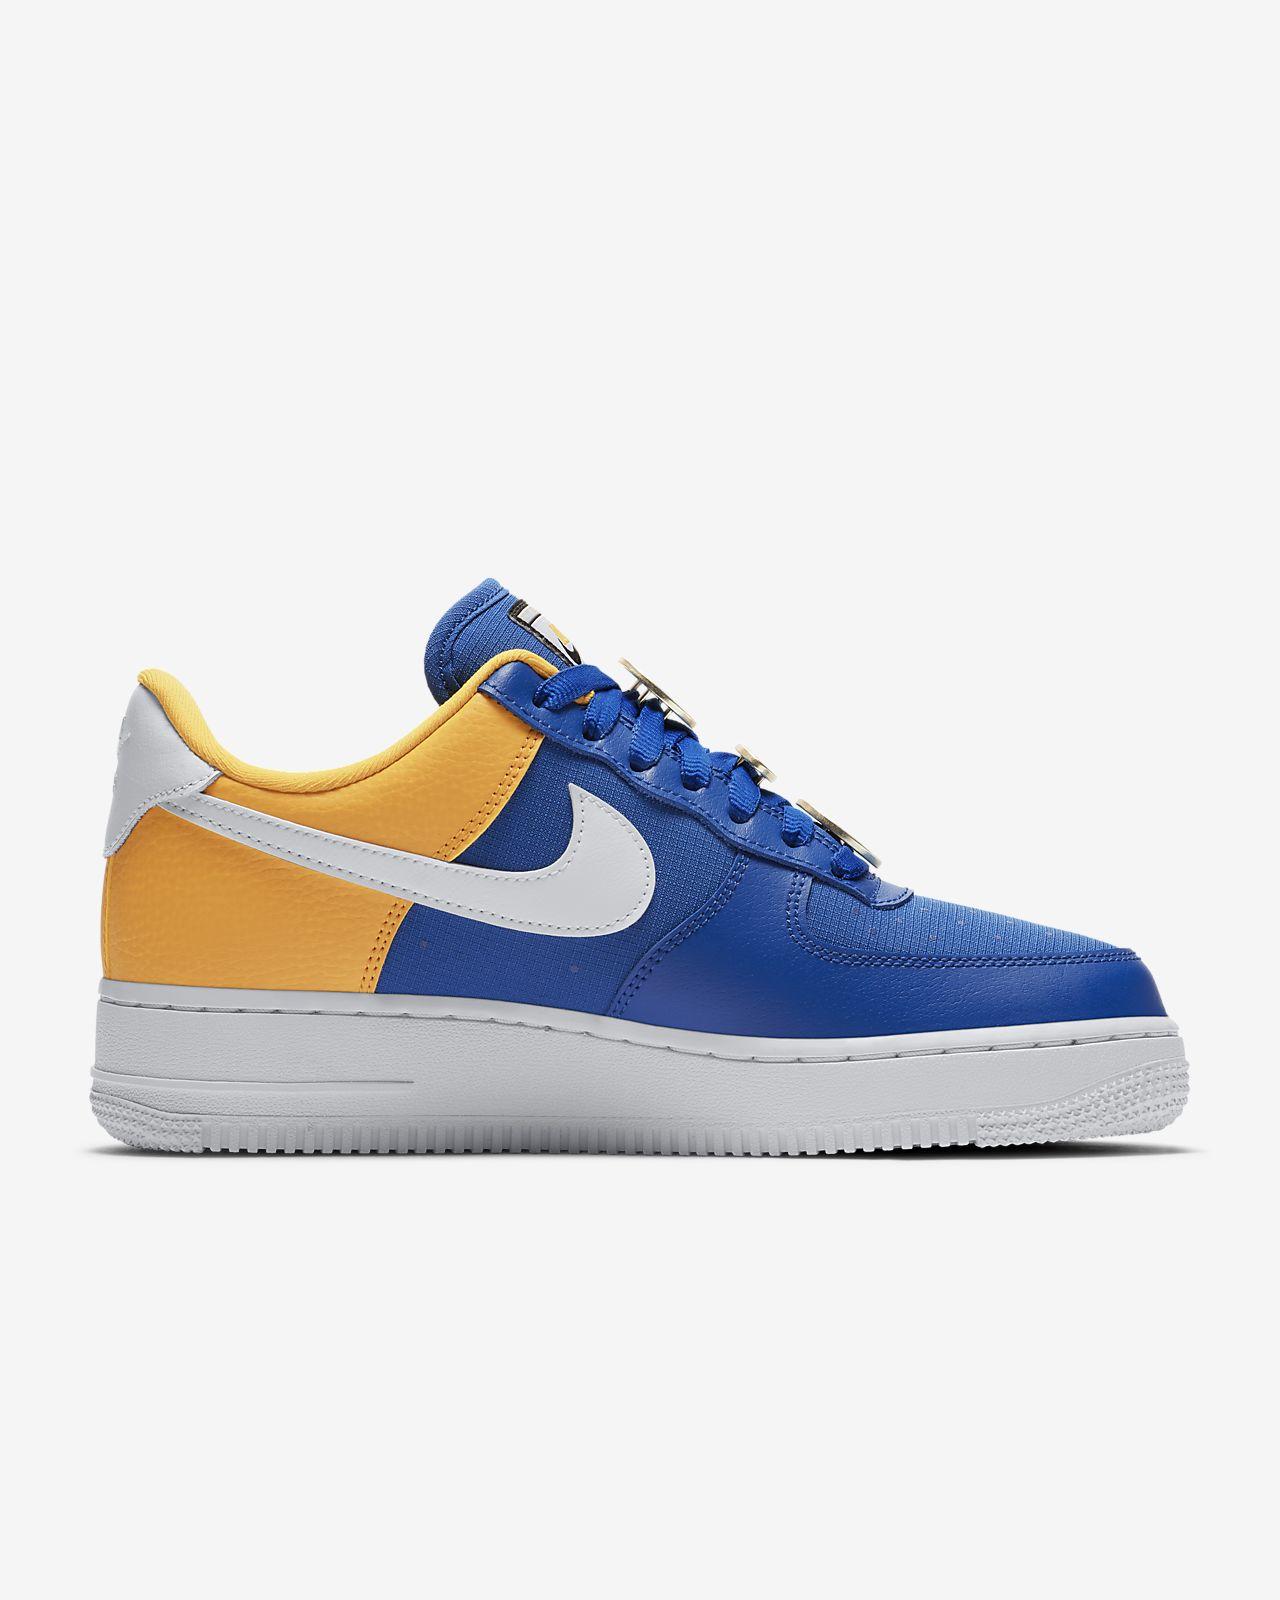 Dettagli su Geox scarpe da bambina in pelle blu con lacci e cerniera Sneakers alte B24D5C 25